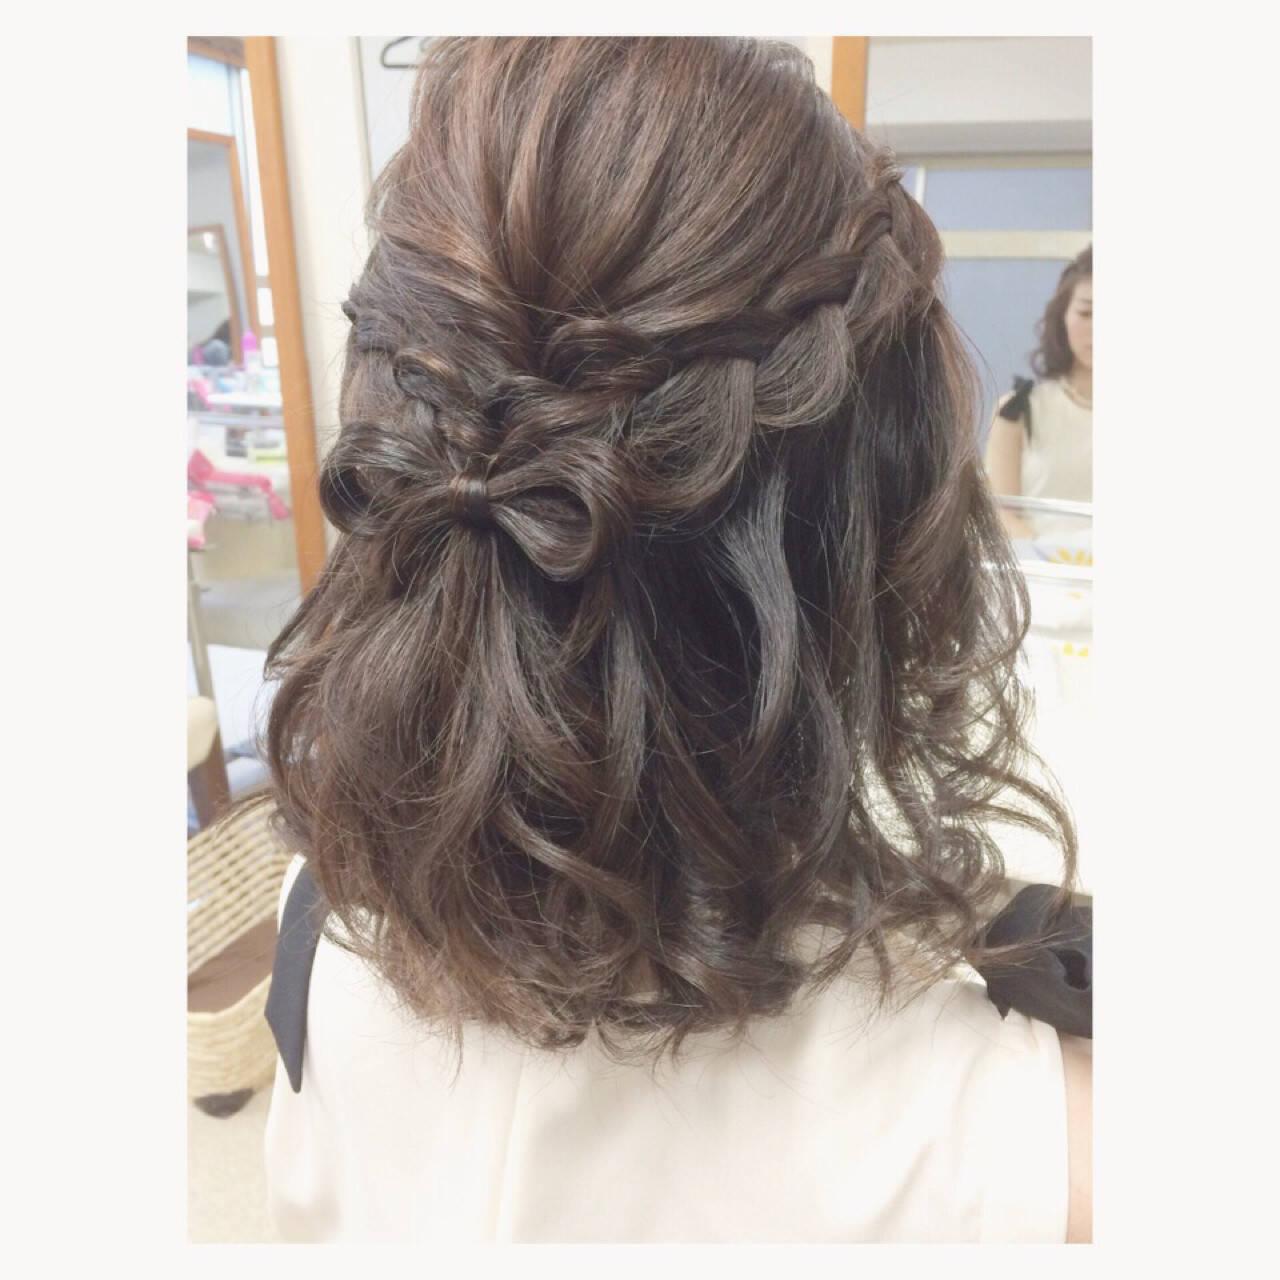 ミディアム ゆるふわ フェミニン ハーフアップヘアスタイルや髪型の写真・画像